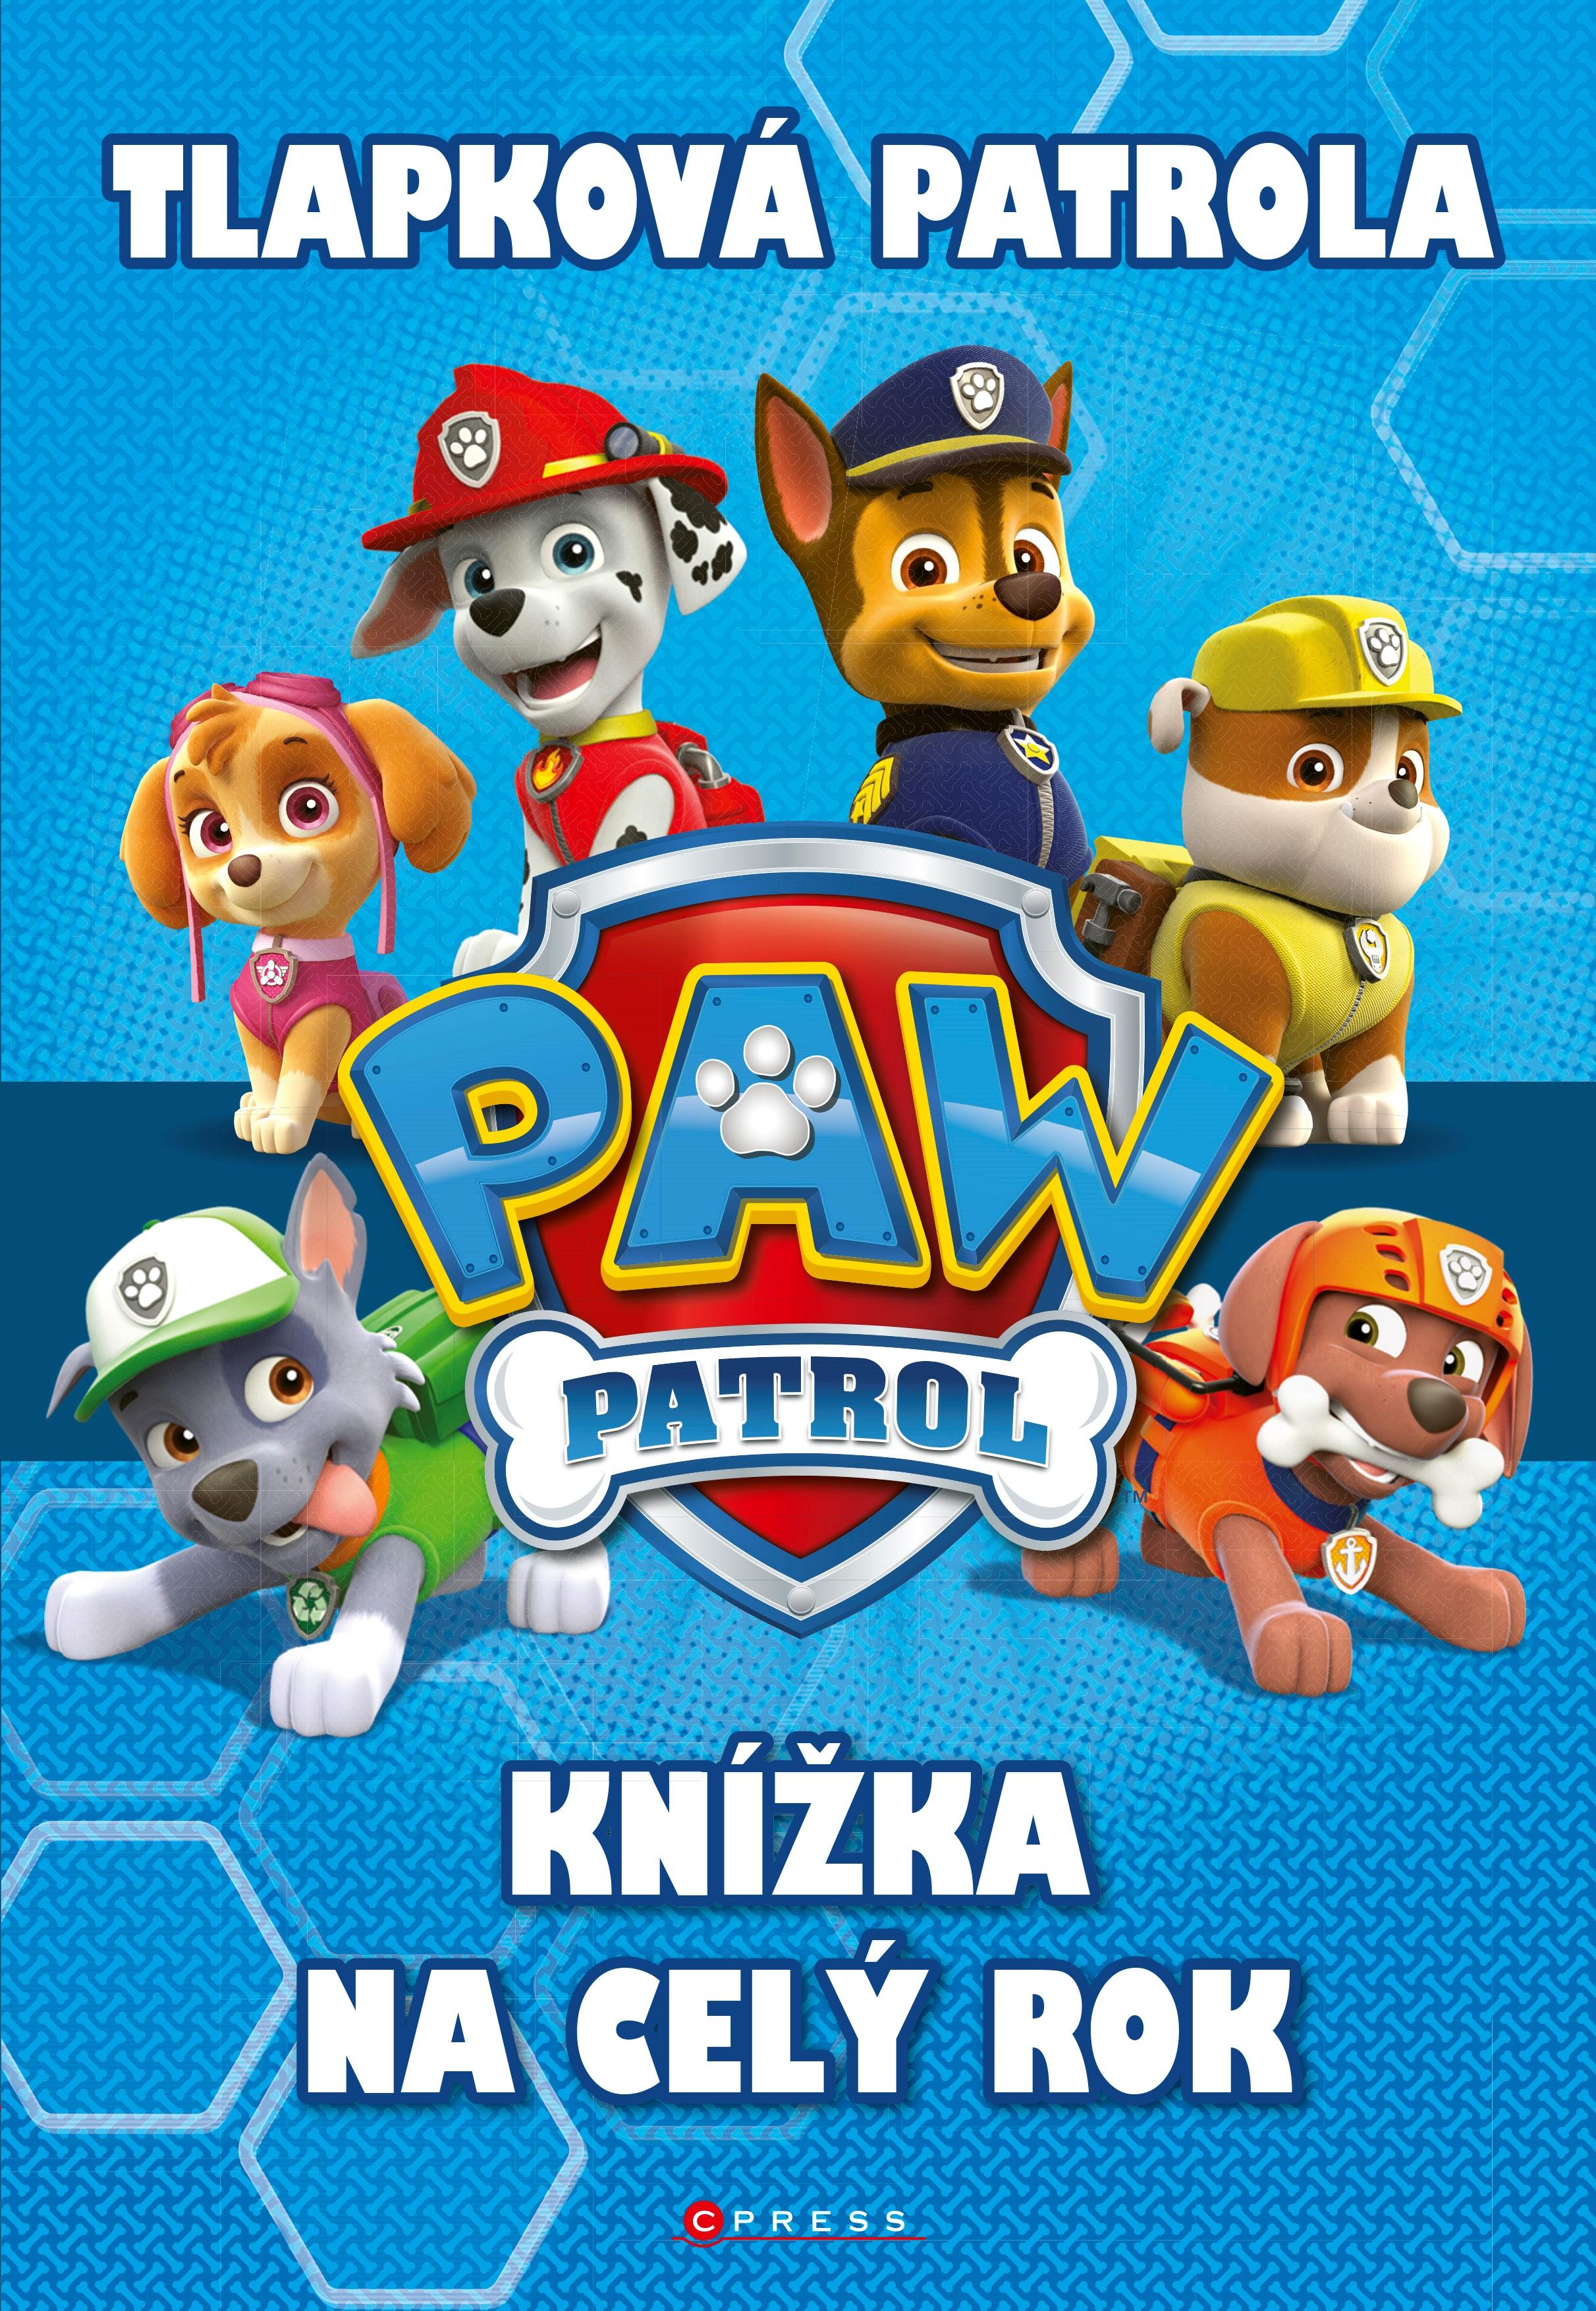 Tlapková patrola - Knížka na celý rok